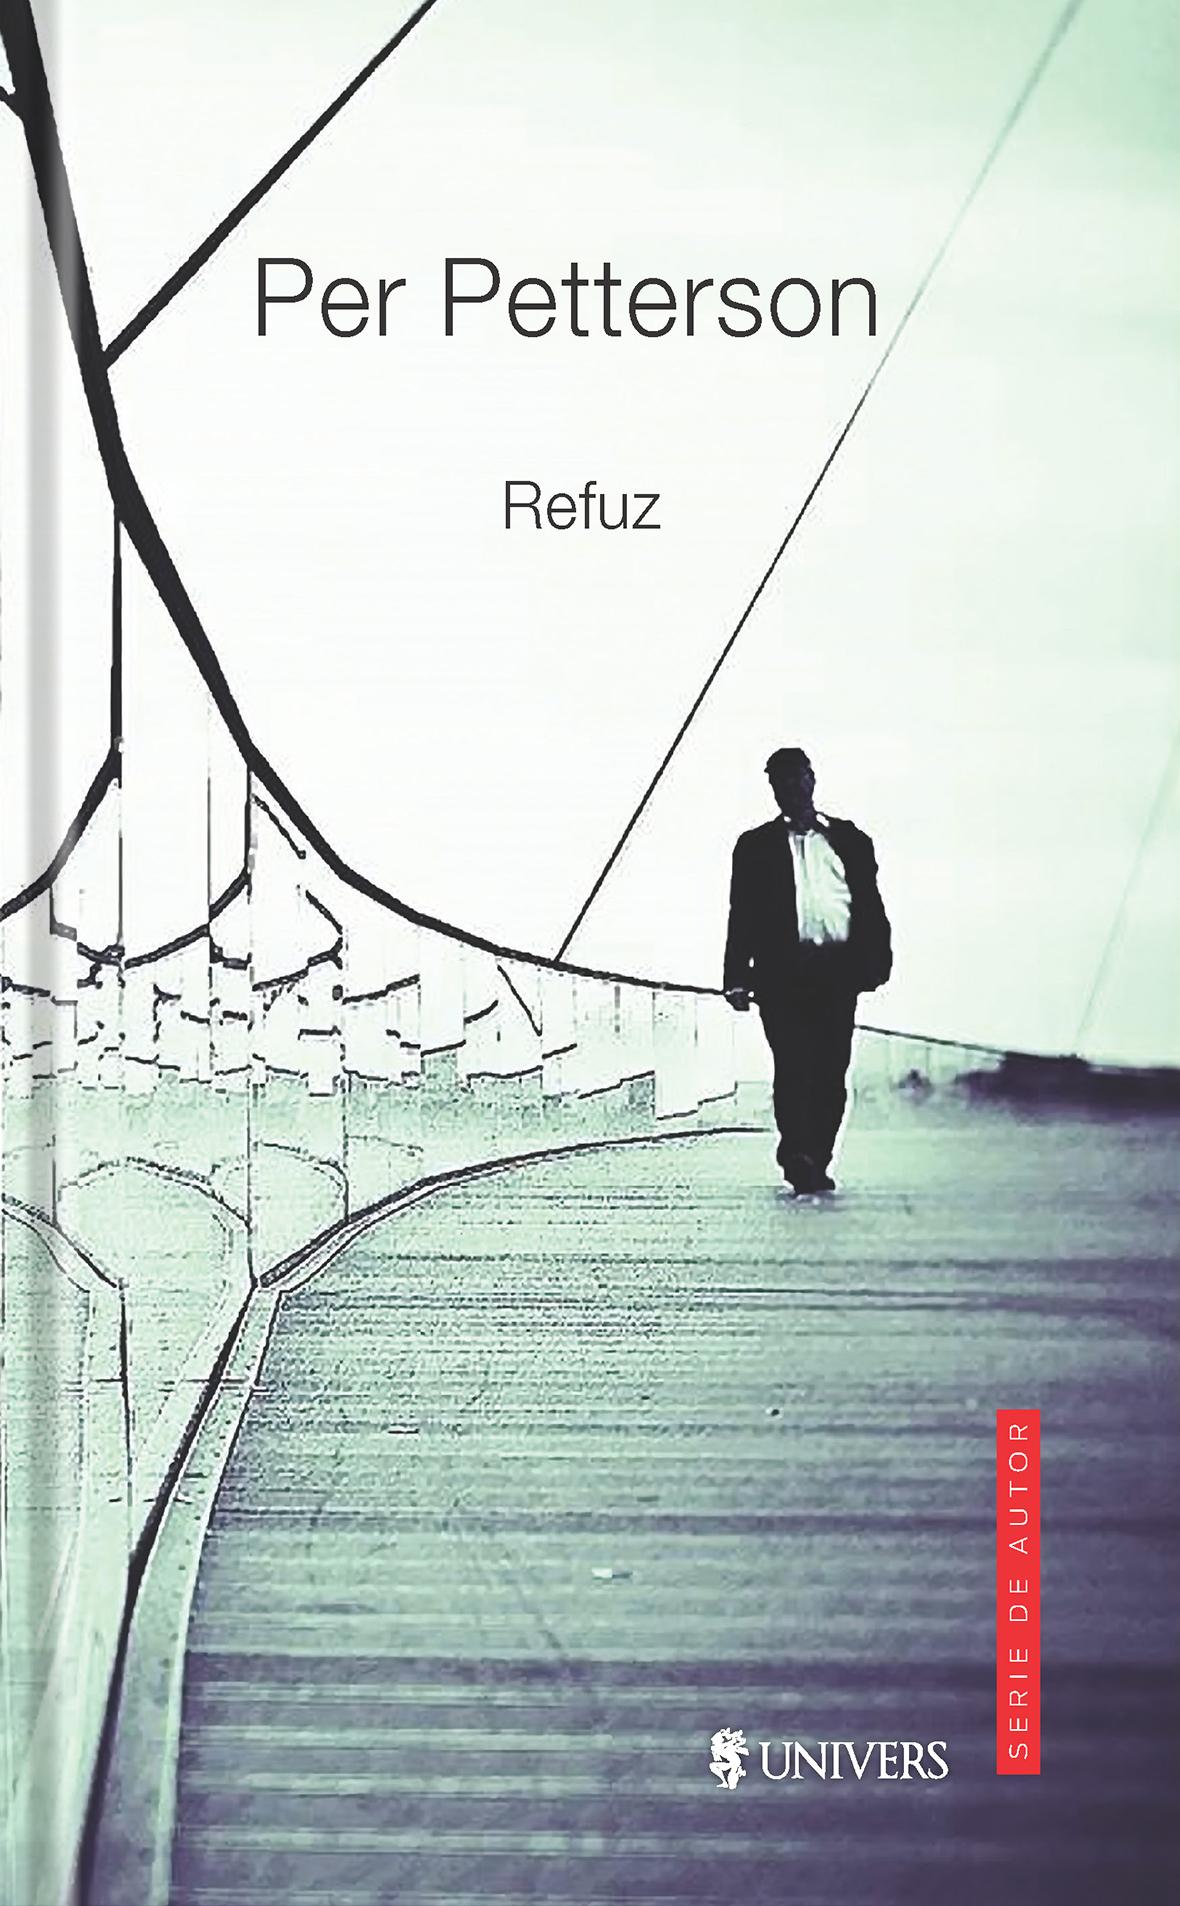 Refuz | Per Petterson